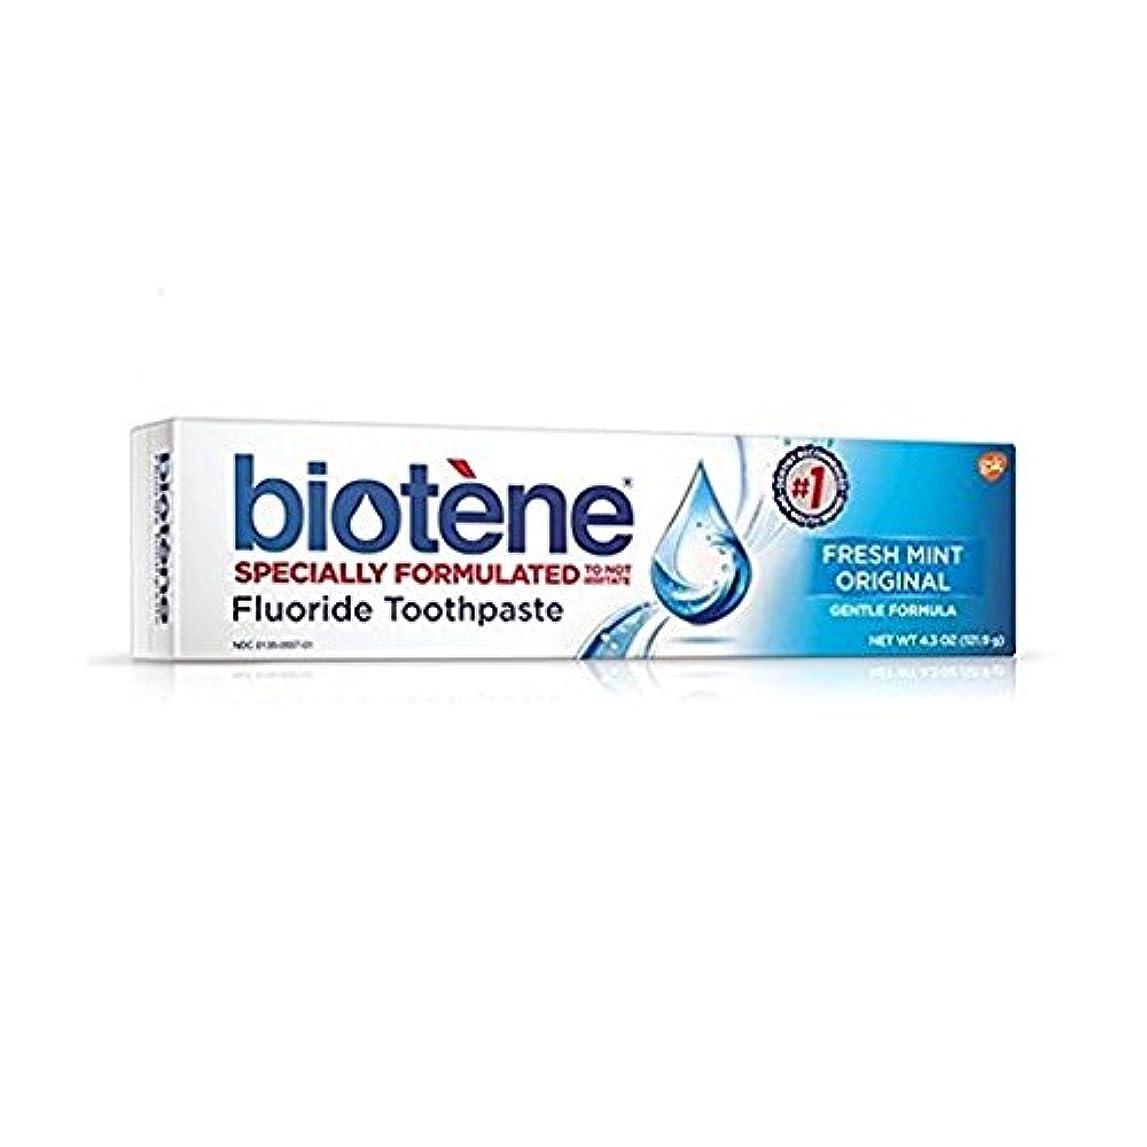 コンピューターゲームをプレイするコマンド引き潮Biotene Dry Mouth Fluoride Toothpaste Fresh Mint Original 4.3 Oz. (2 Pack) by Biotene